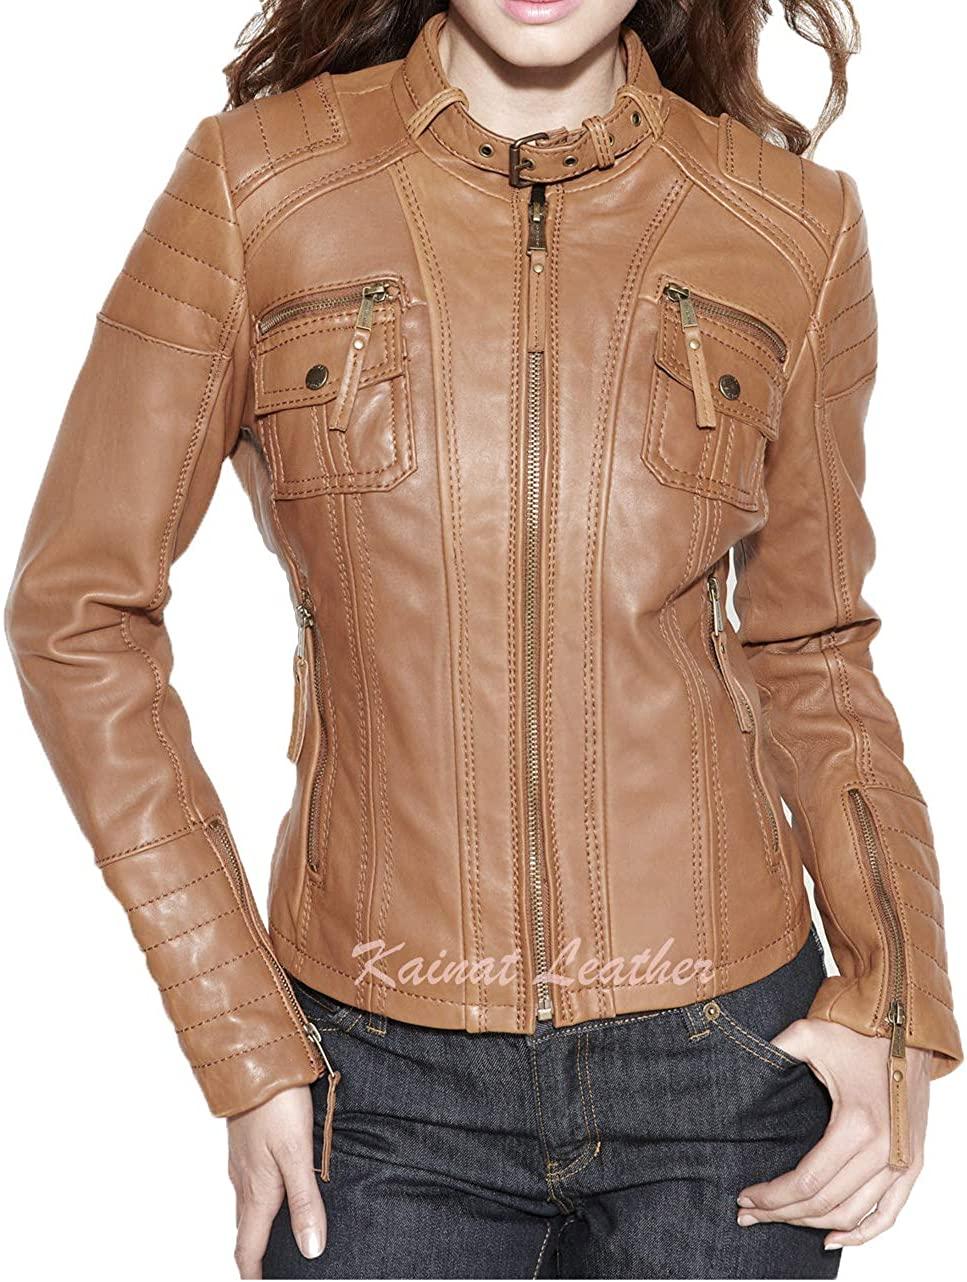 KAINAT Lambskin Leather Craft Women's Biker Jacket 56